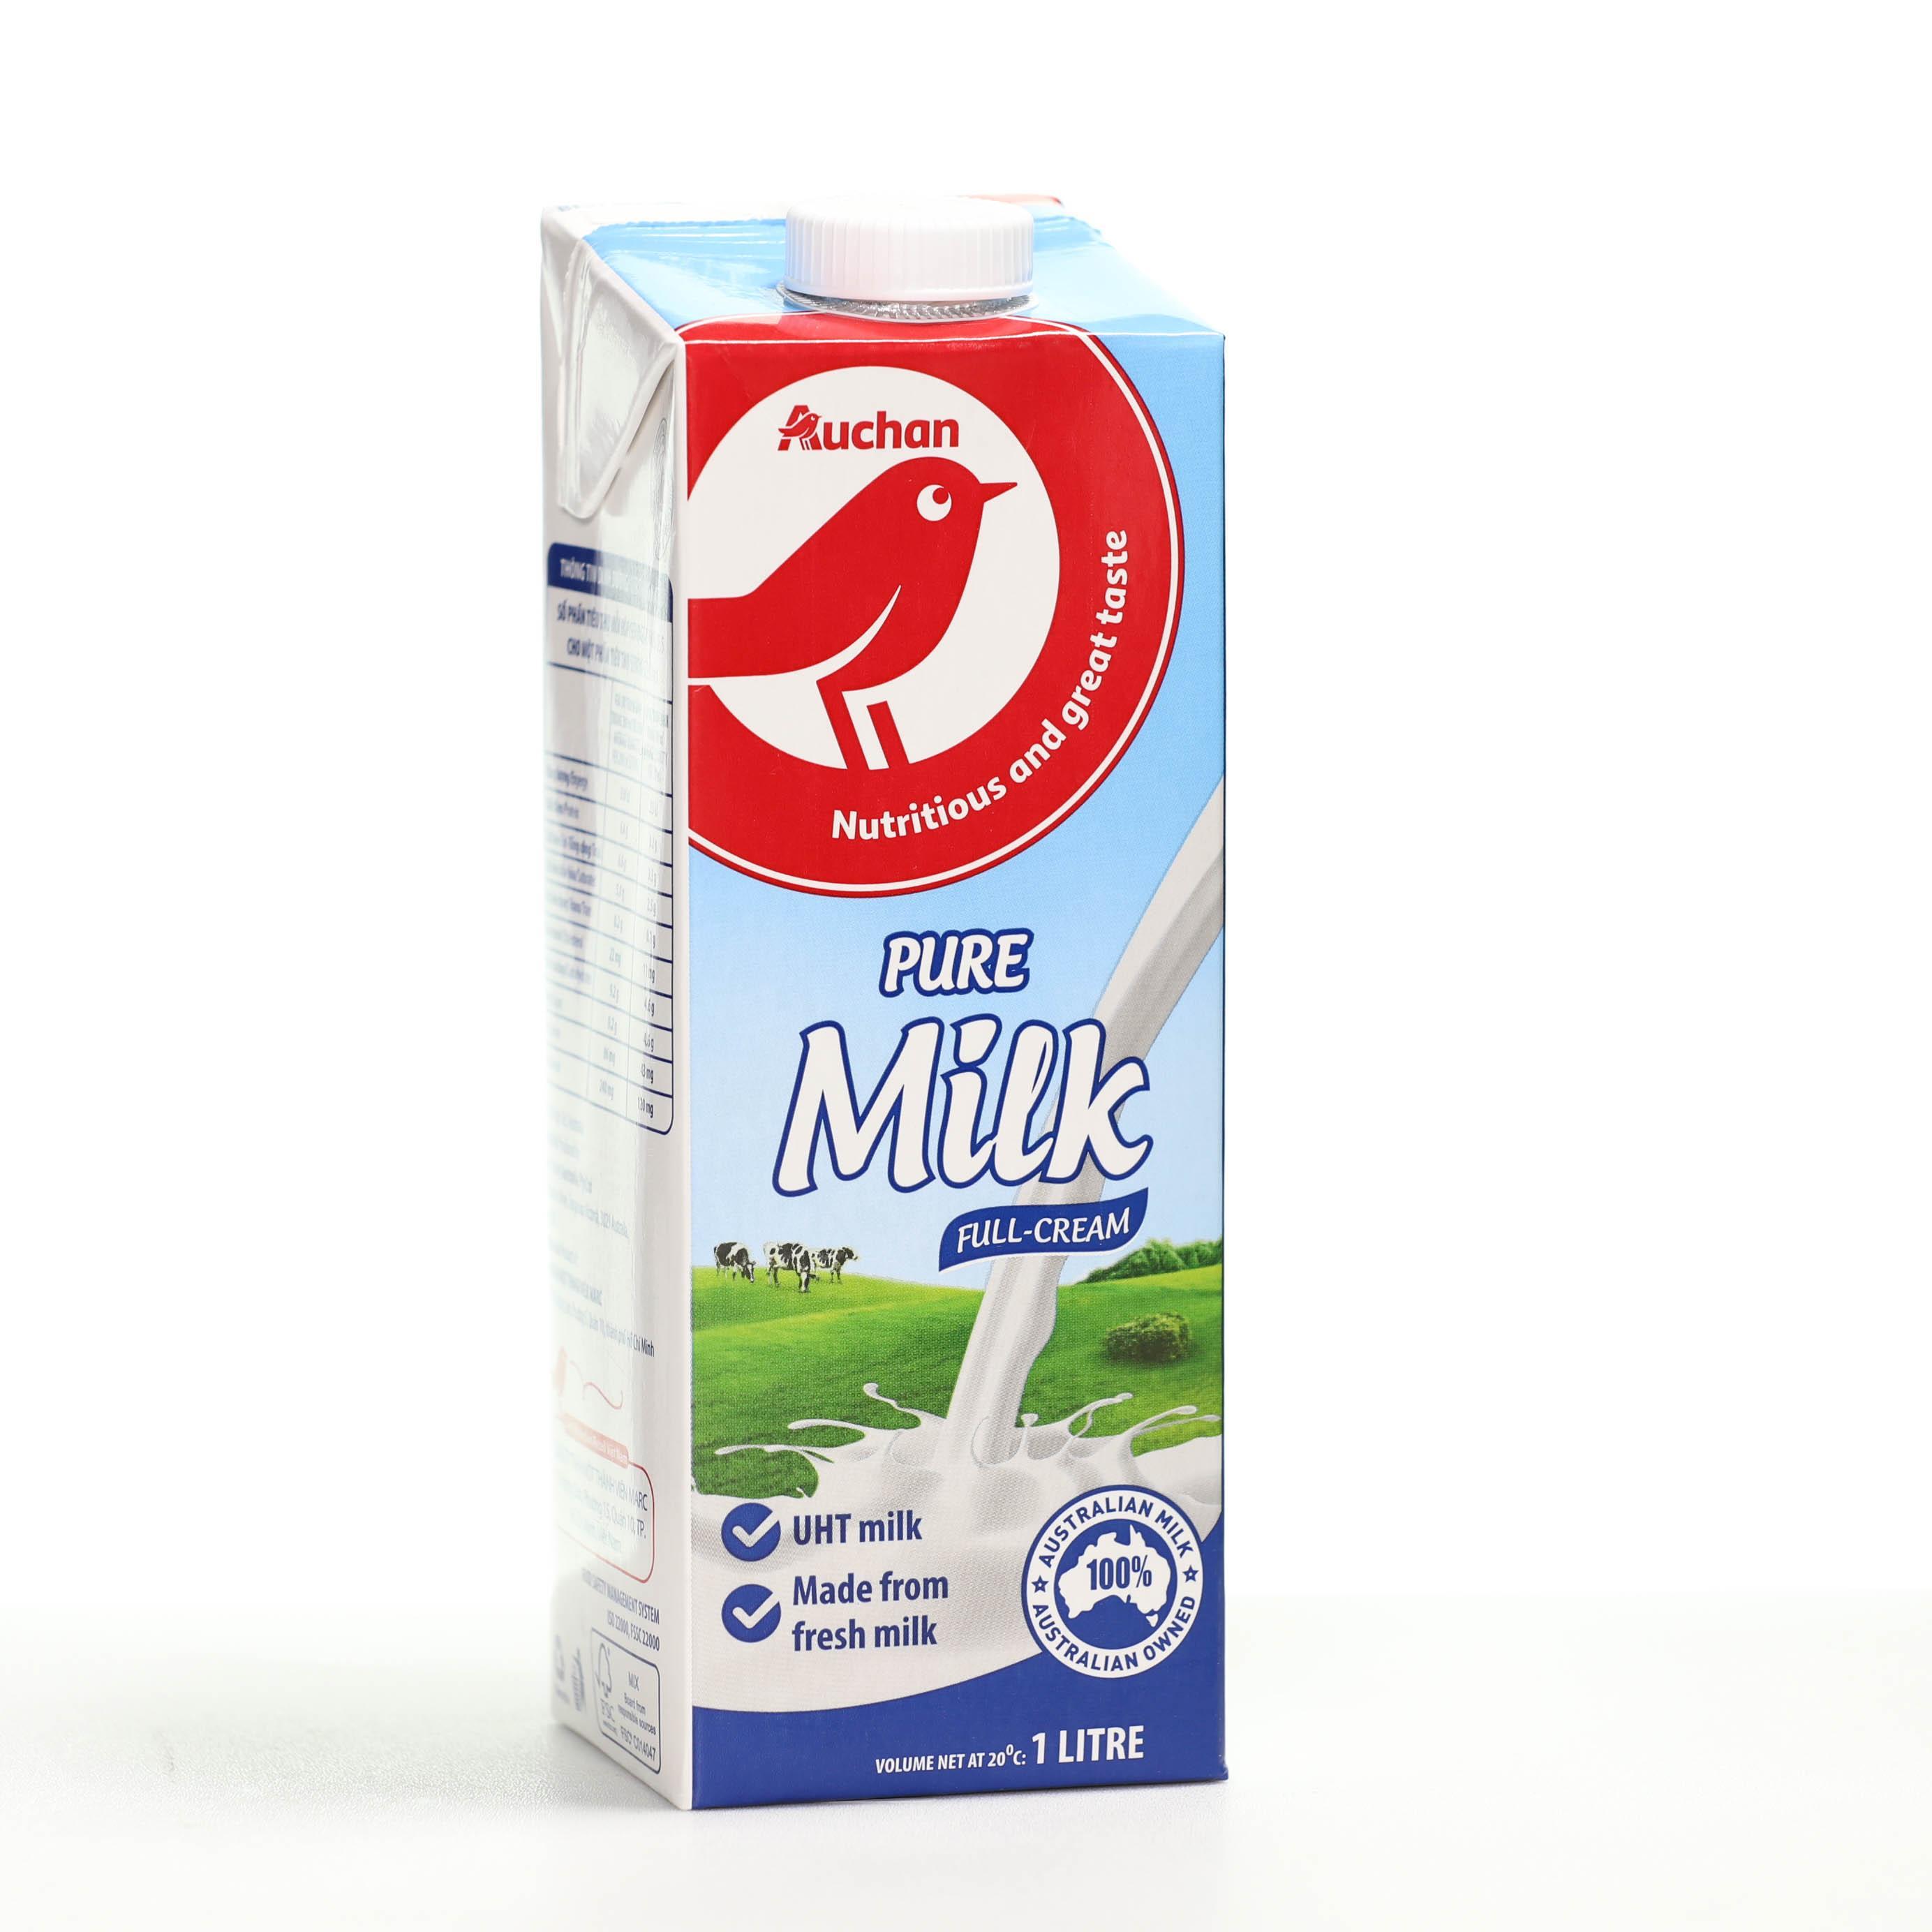 Sữa tiệt trùng Auchan nguyên kem hộp 1 lít